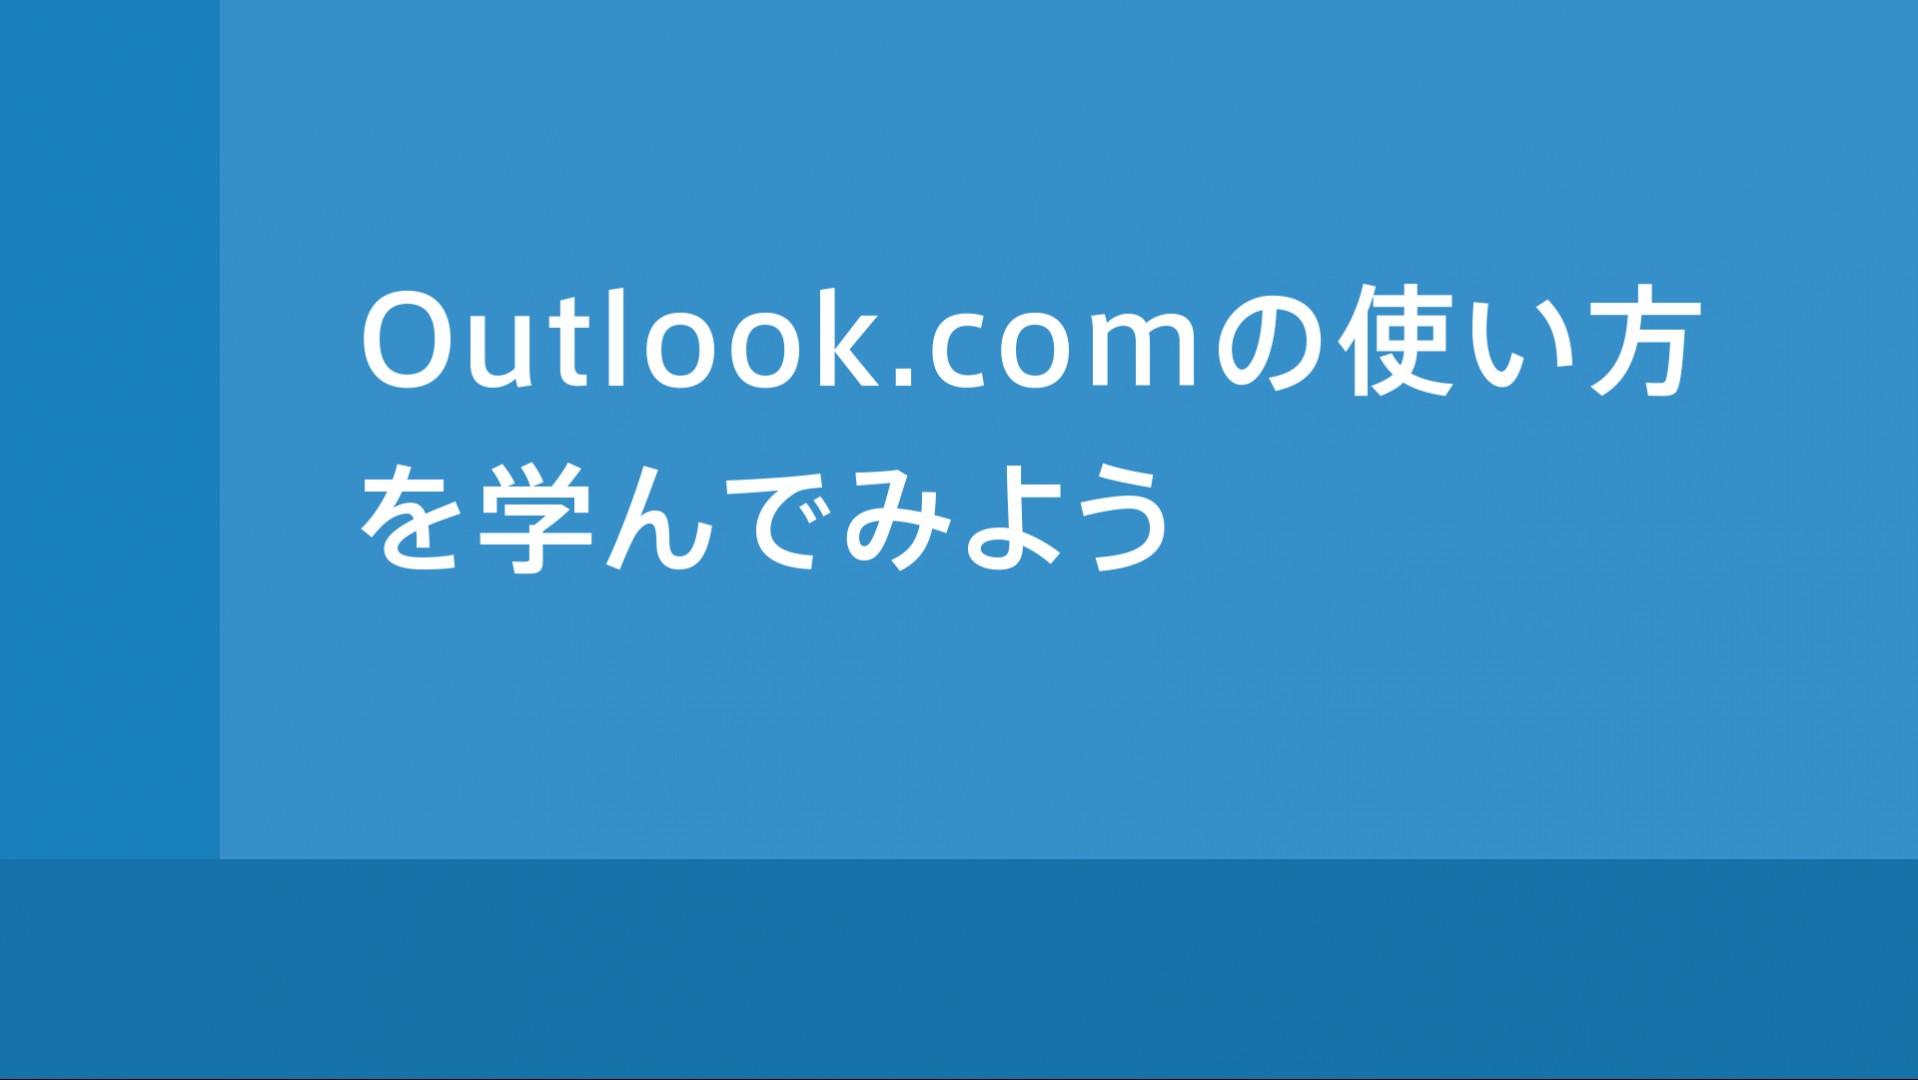 Outlook.com アカウント設定・登録情報を変更する